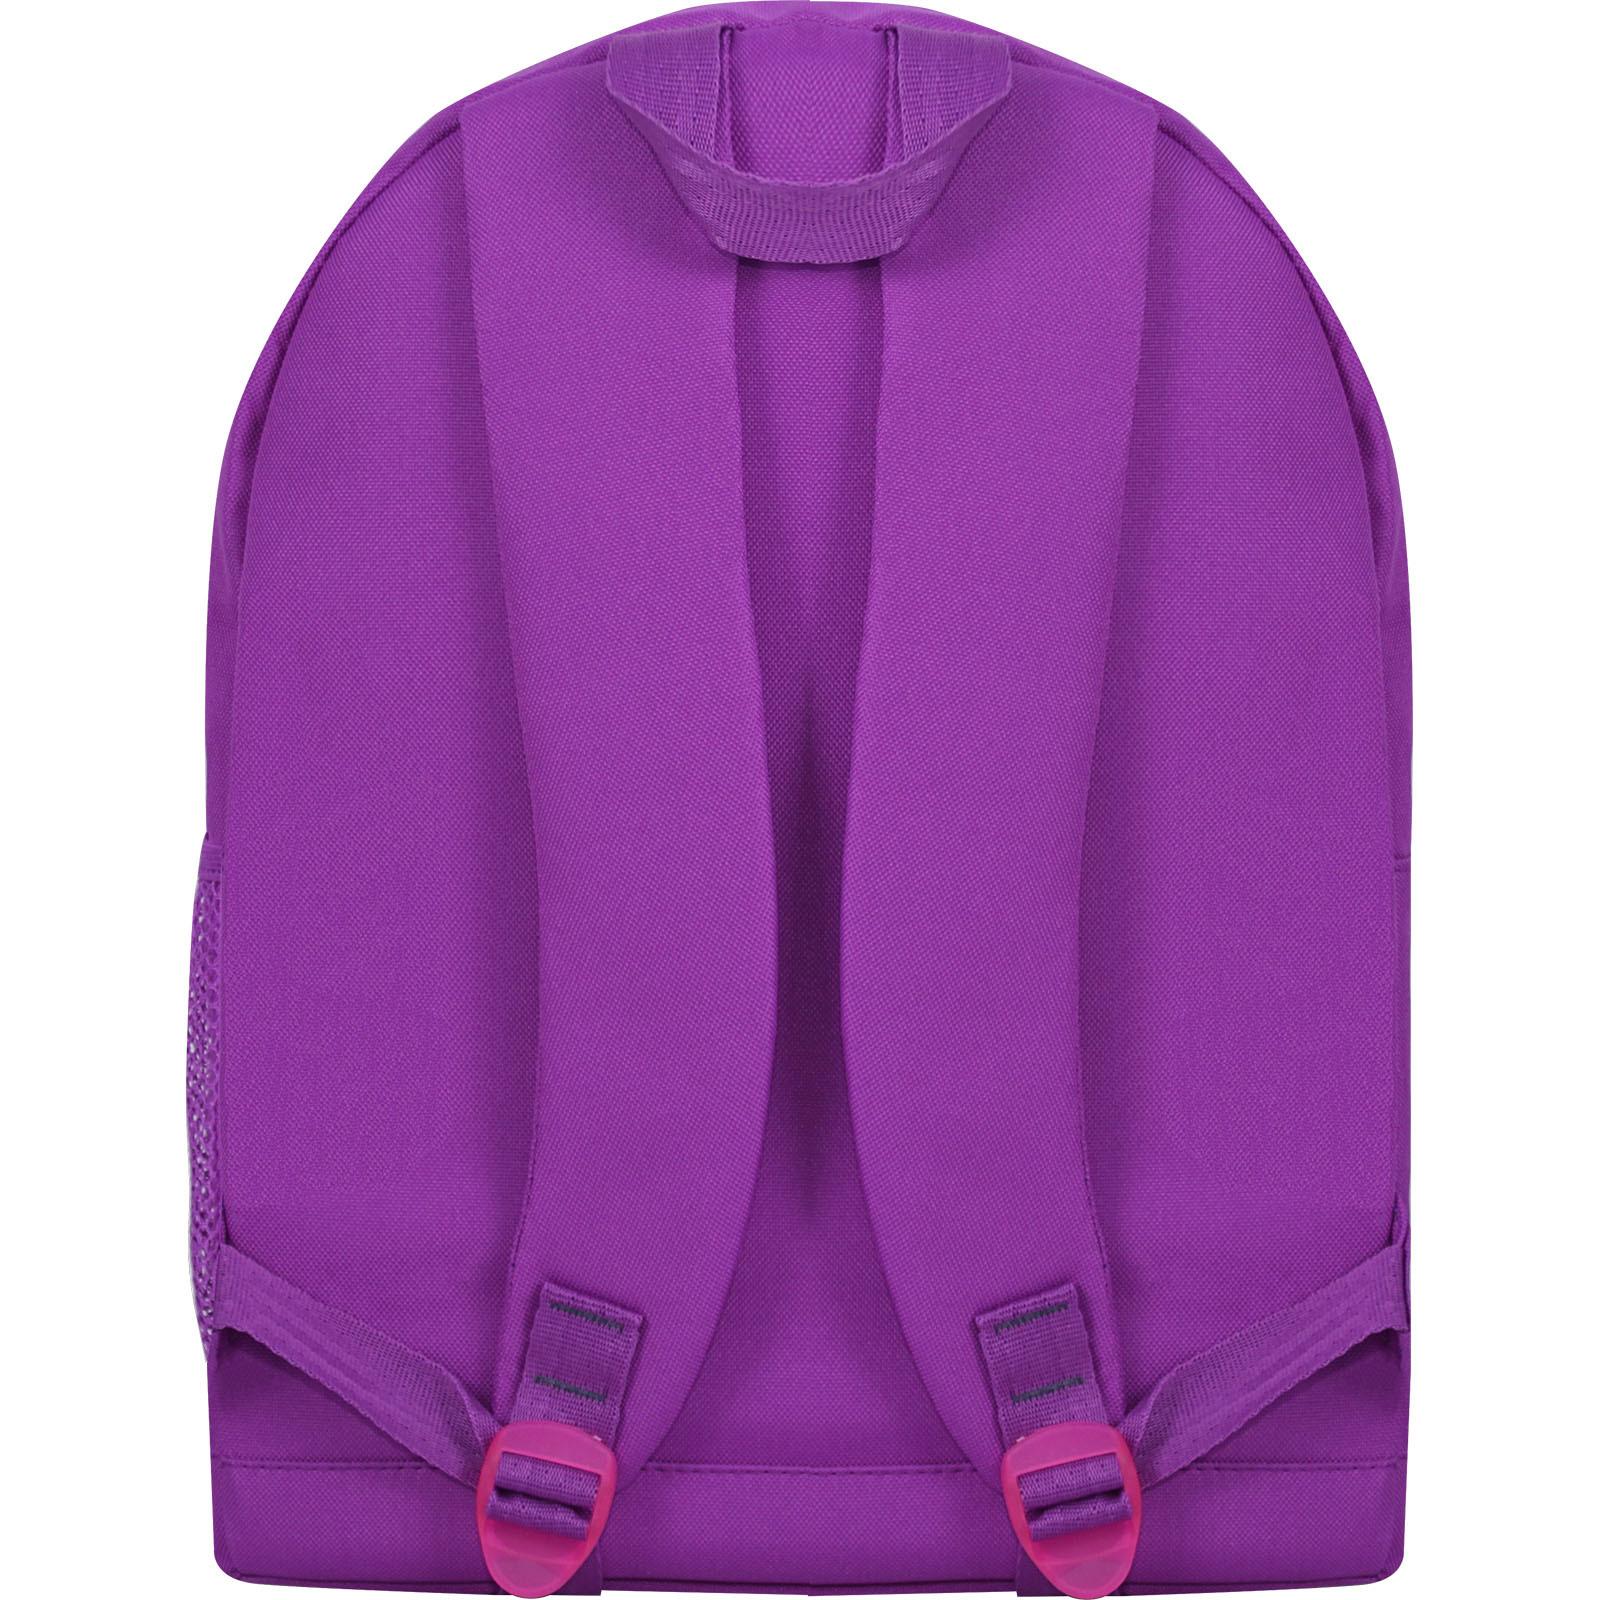 Рюкзак Bagland Молодежный W/R 17 л. 170 Фиолетовый 759 (00533662) фото 4